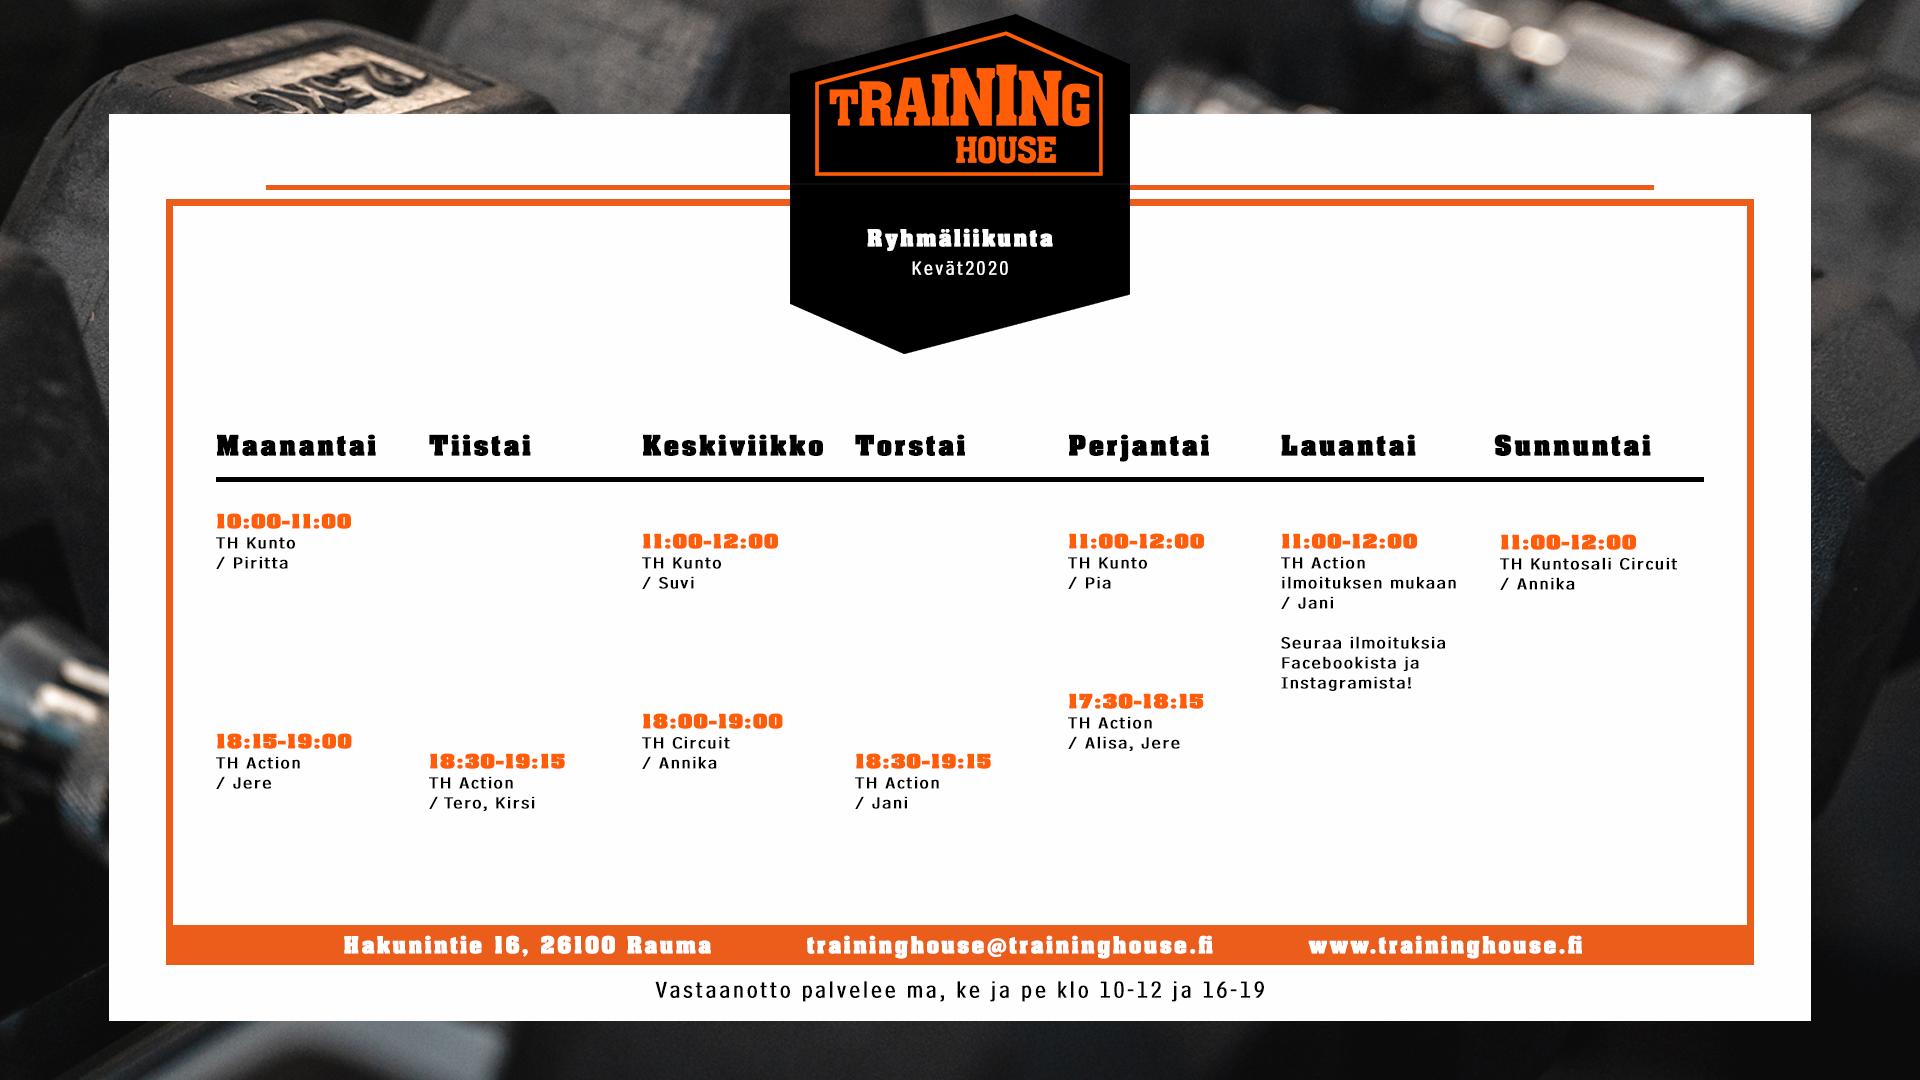 Training Housen, raumalaisen kuntosalin, ryhmäliikuntatuntien lukujärjestys keväälle 2020